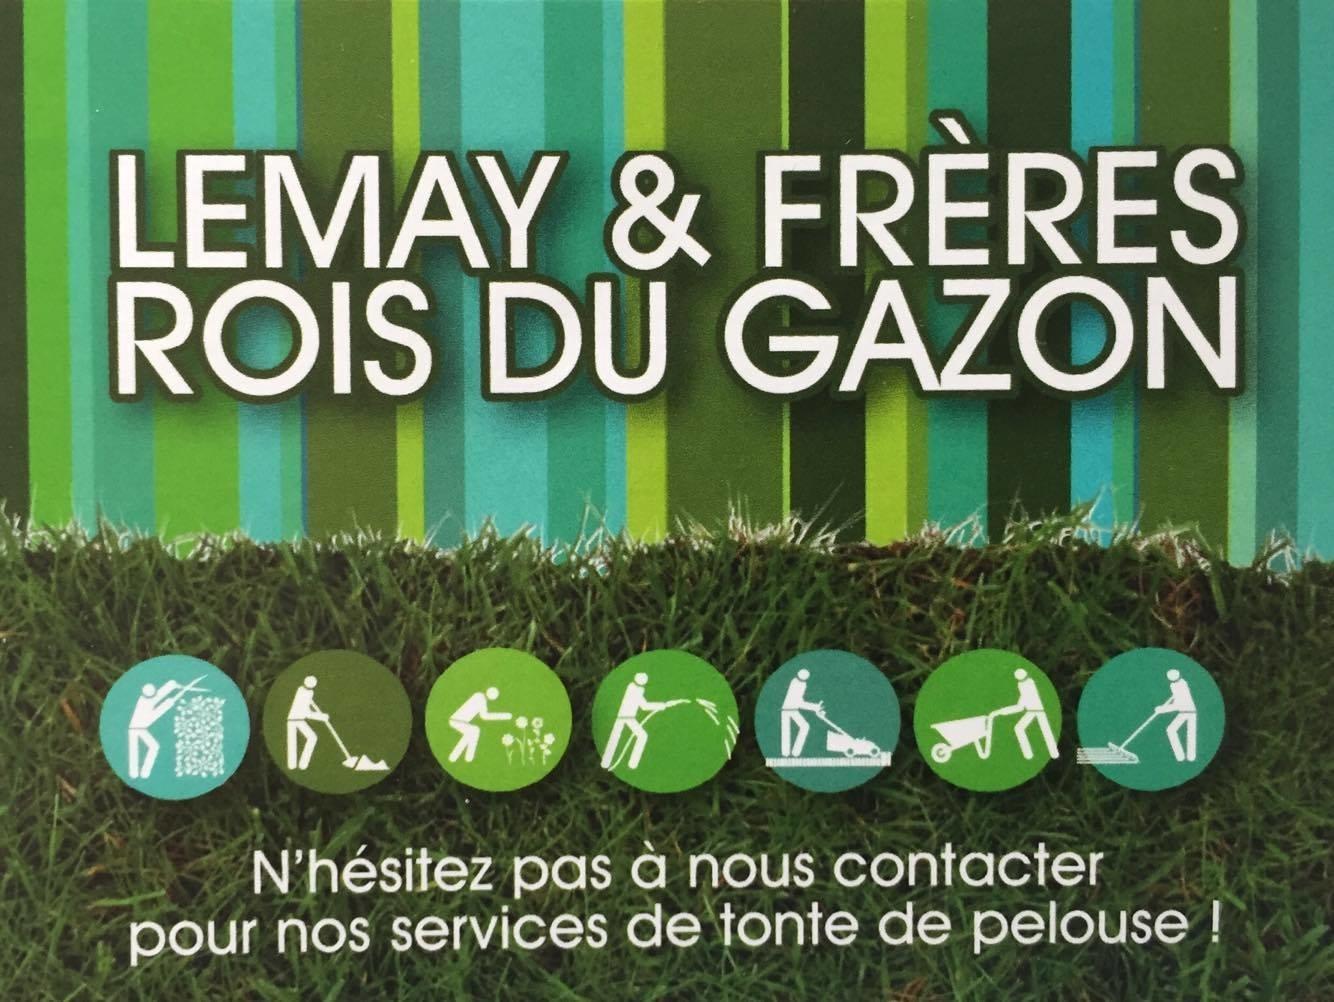 Lemay & Frères Rois du gazon à Lavaltrie